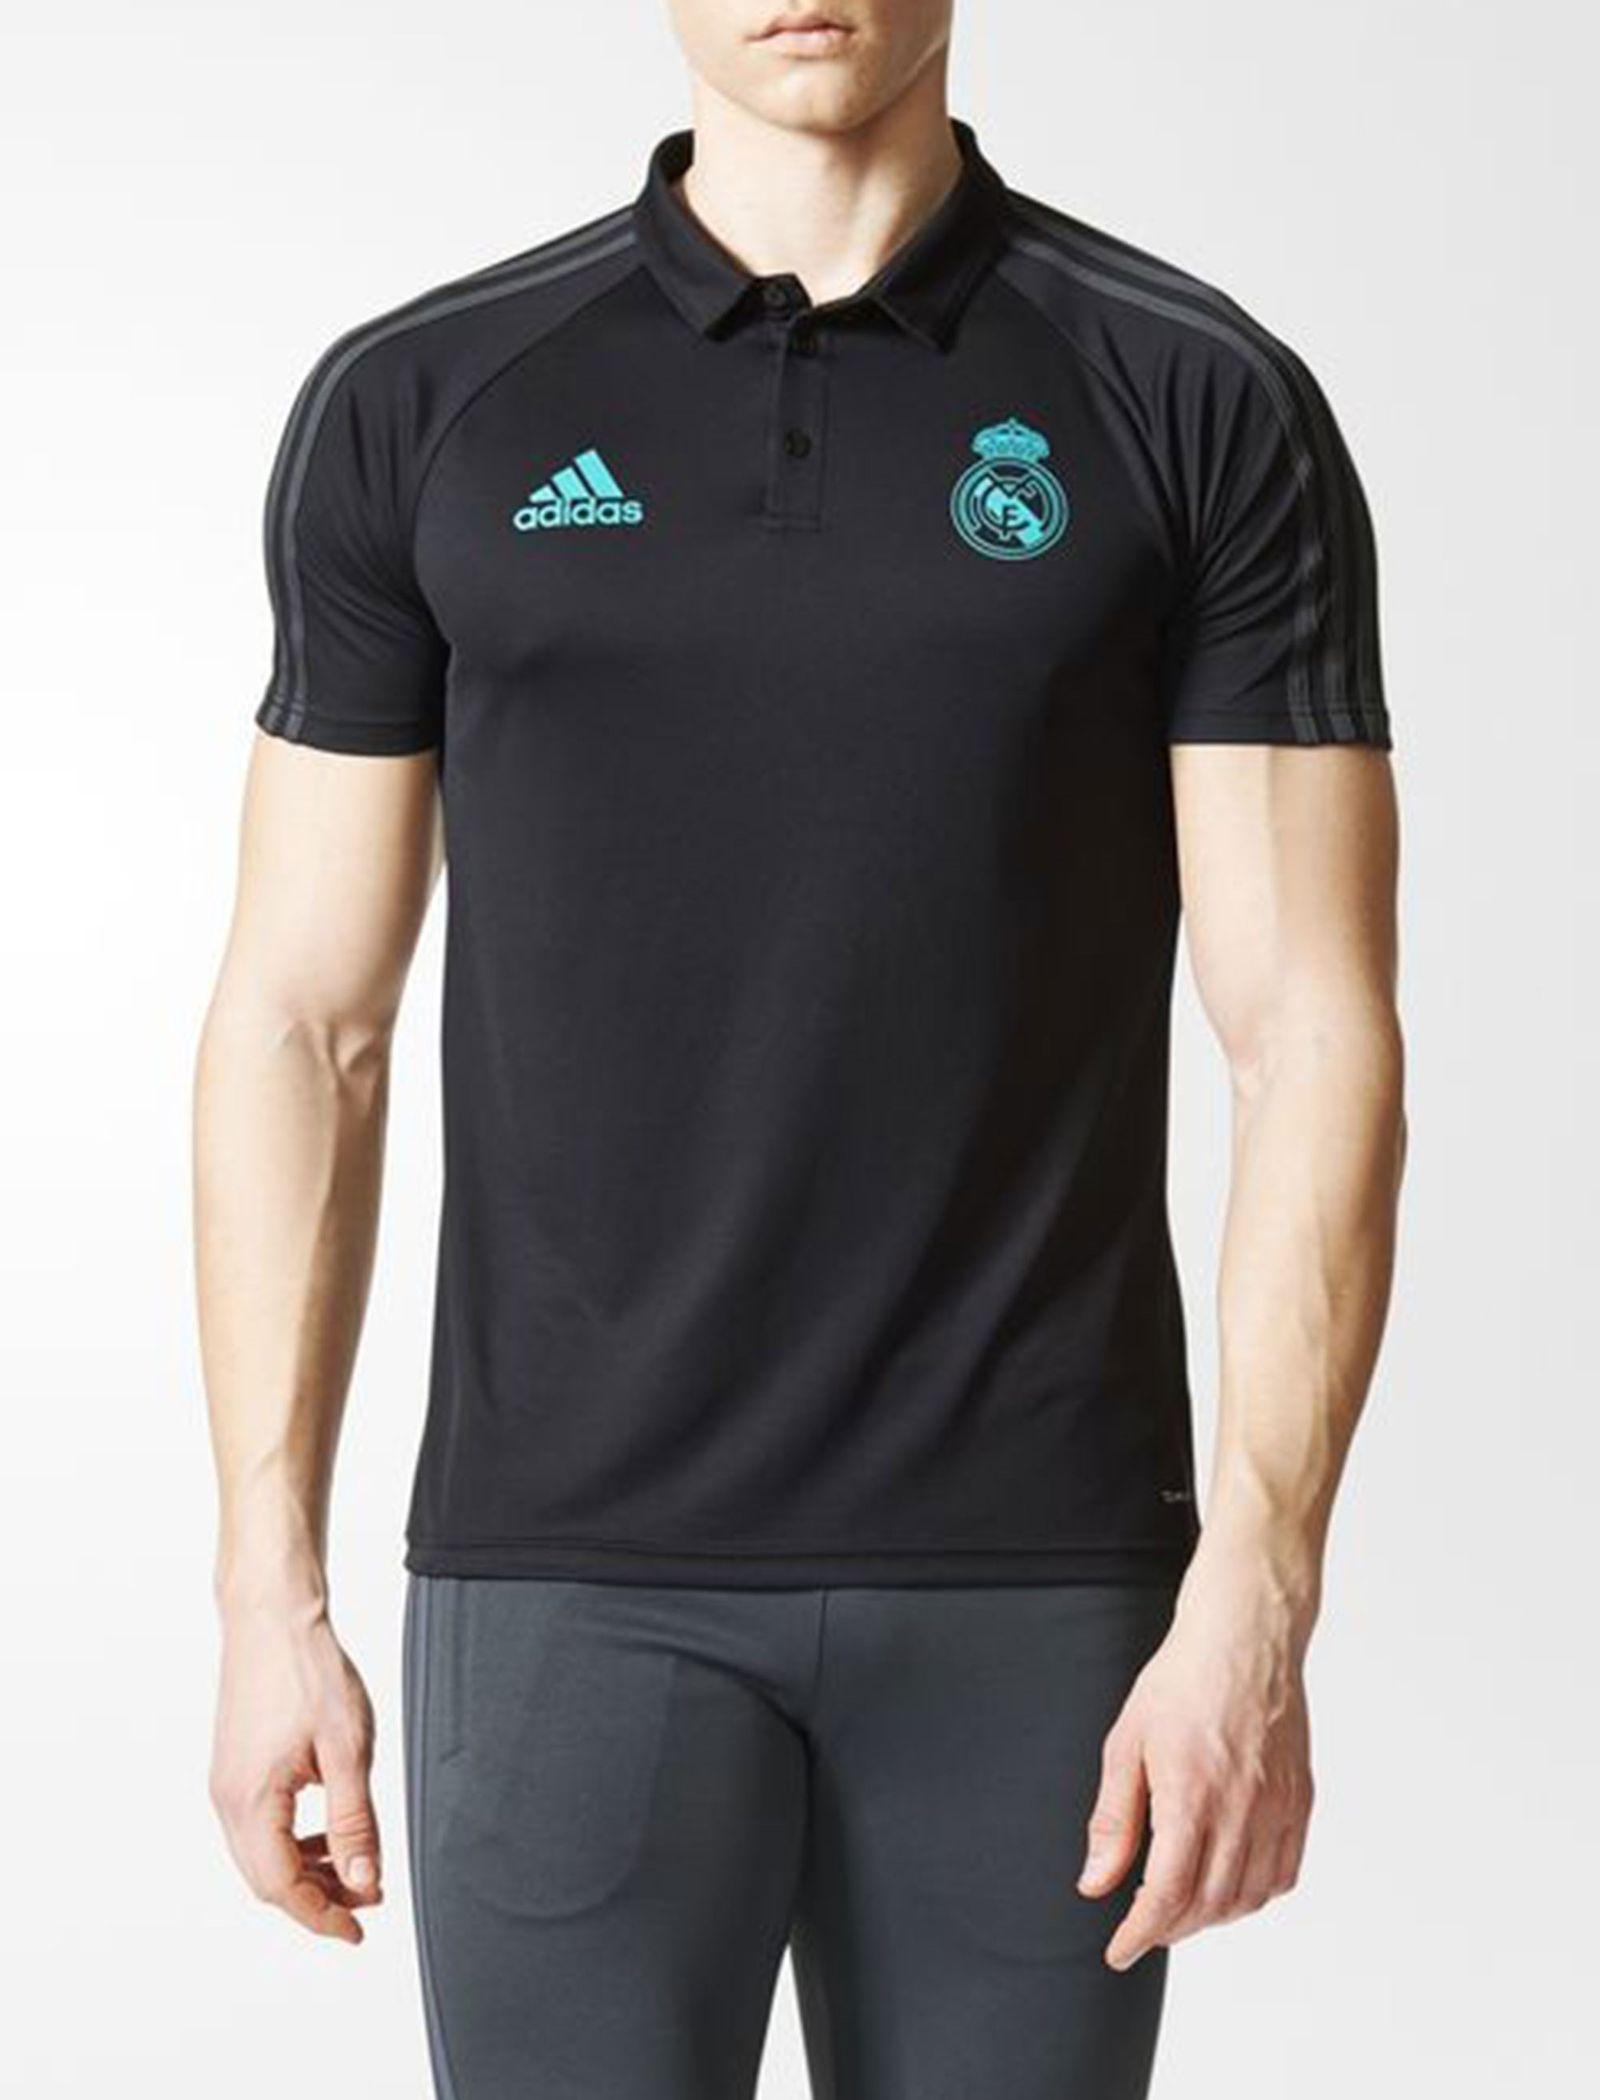 پولوشرت ورزشی آستین کوتاه مردانه Real Madrid - آدیداس - مشکي - 3